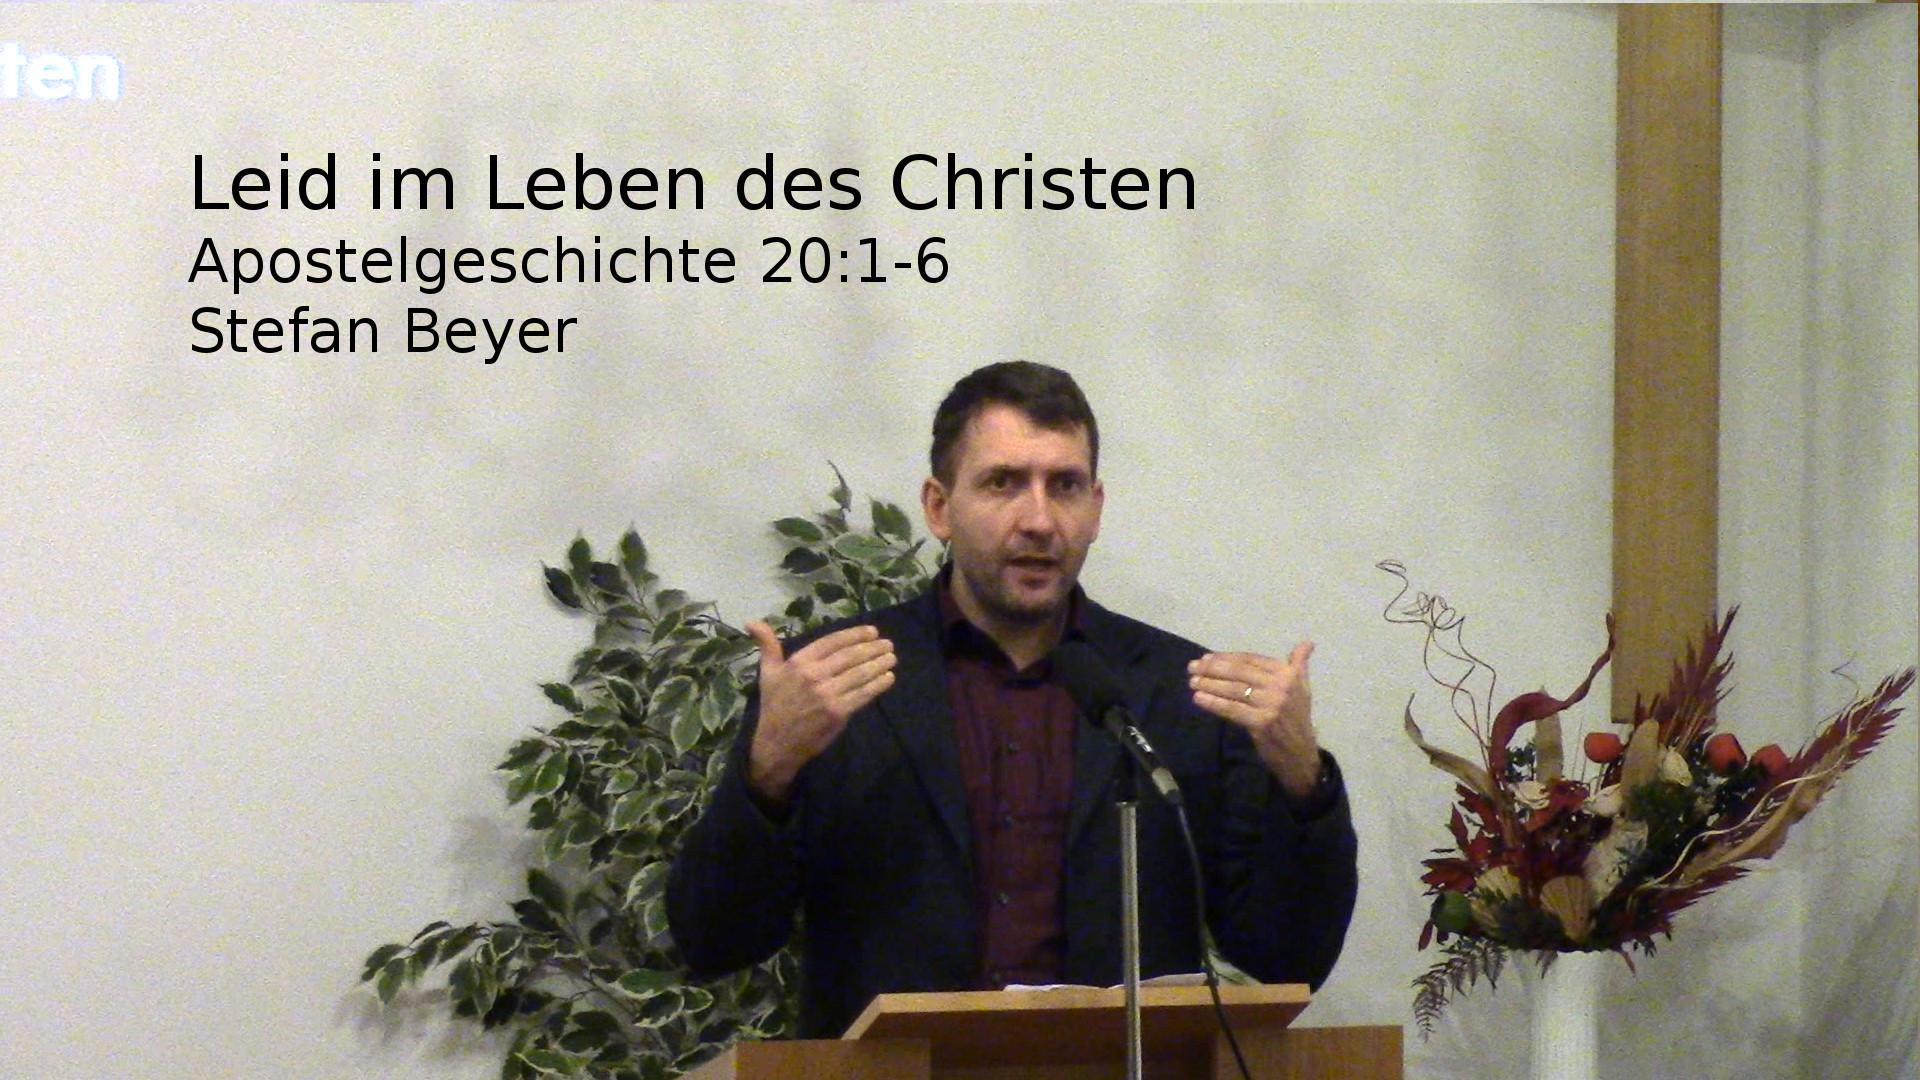 Leid im Leben des Christen